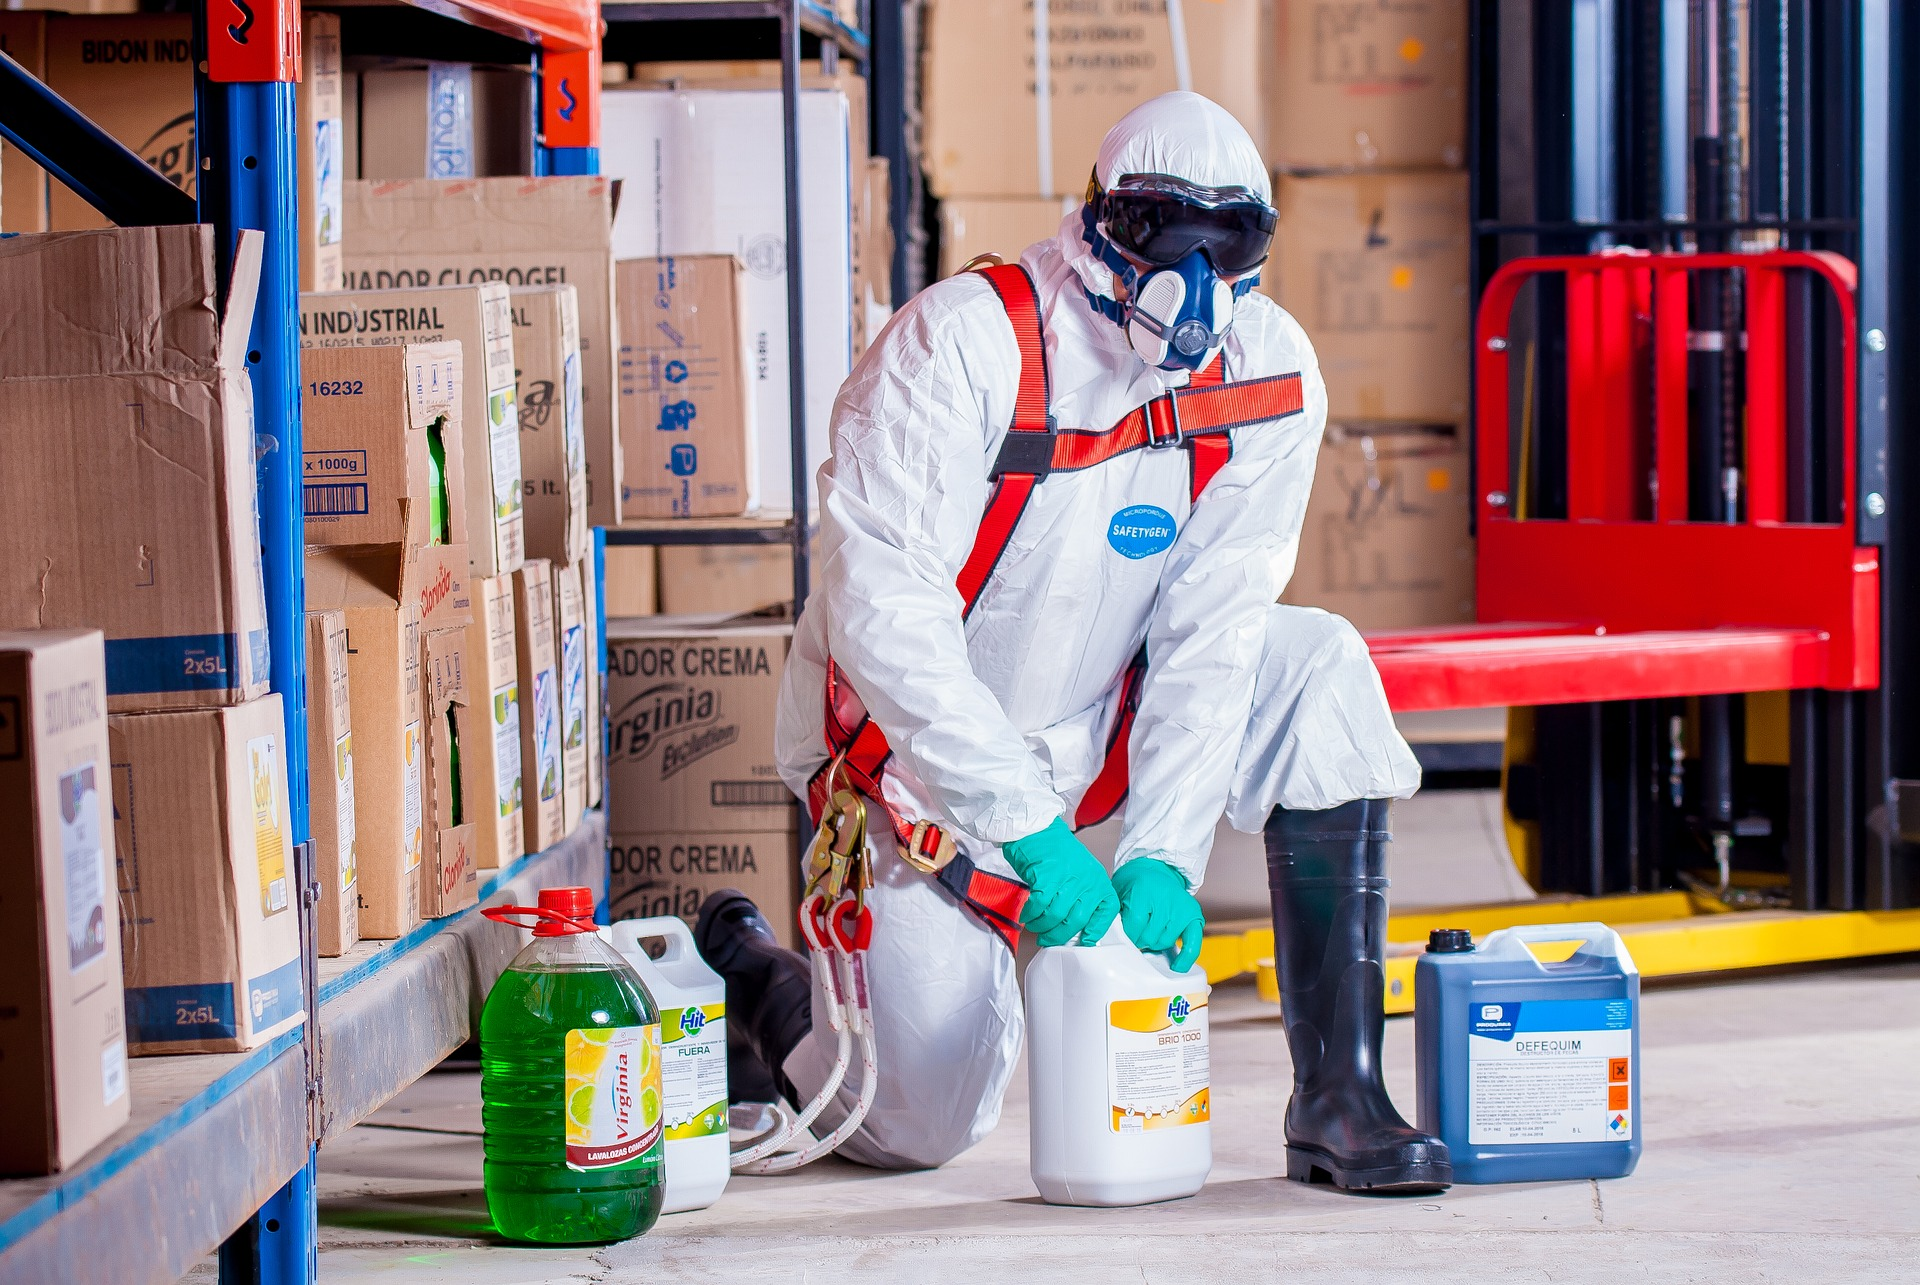 Đăng ký hóa chất công nghiệp